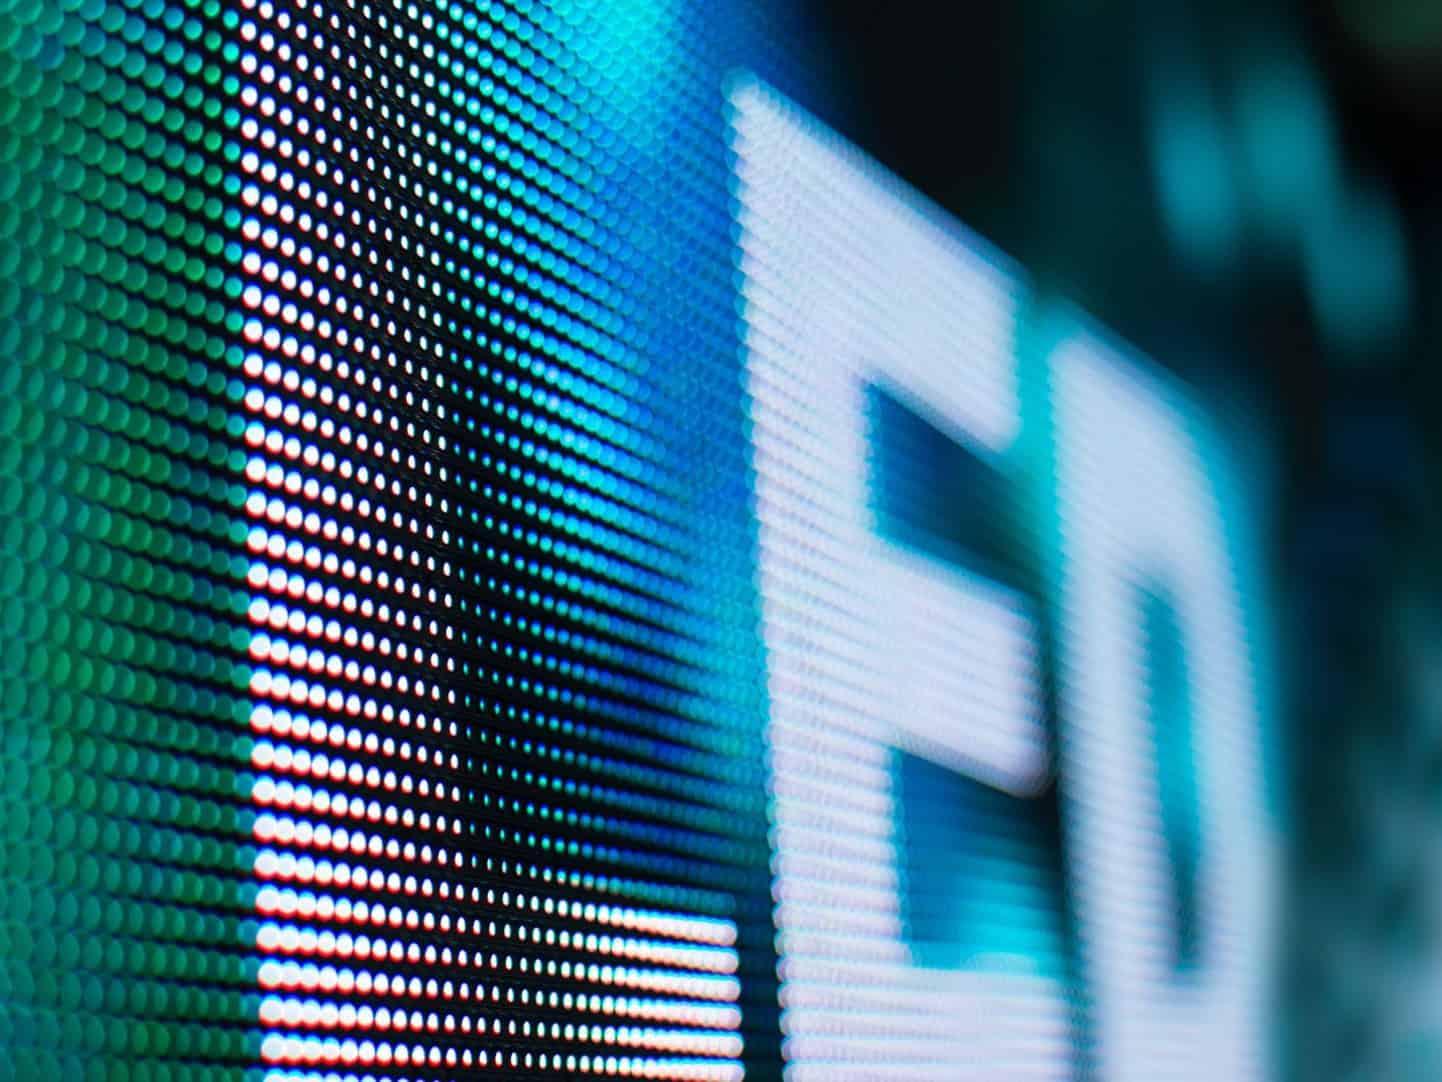 วิธีใช้ประโยชน์จากหน้าจอ LED ในงานต่างๆ led display